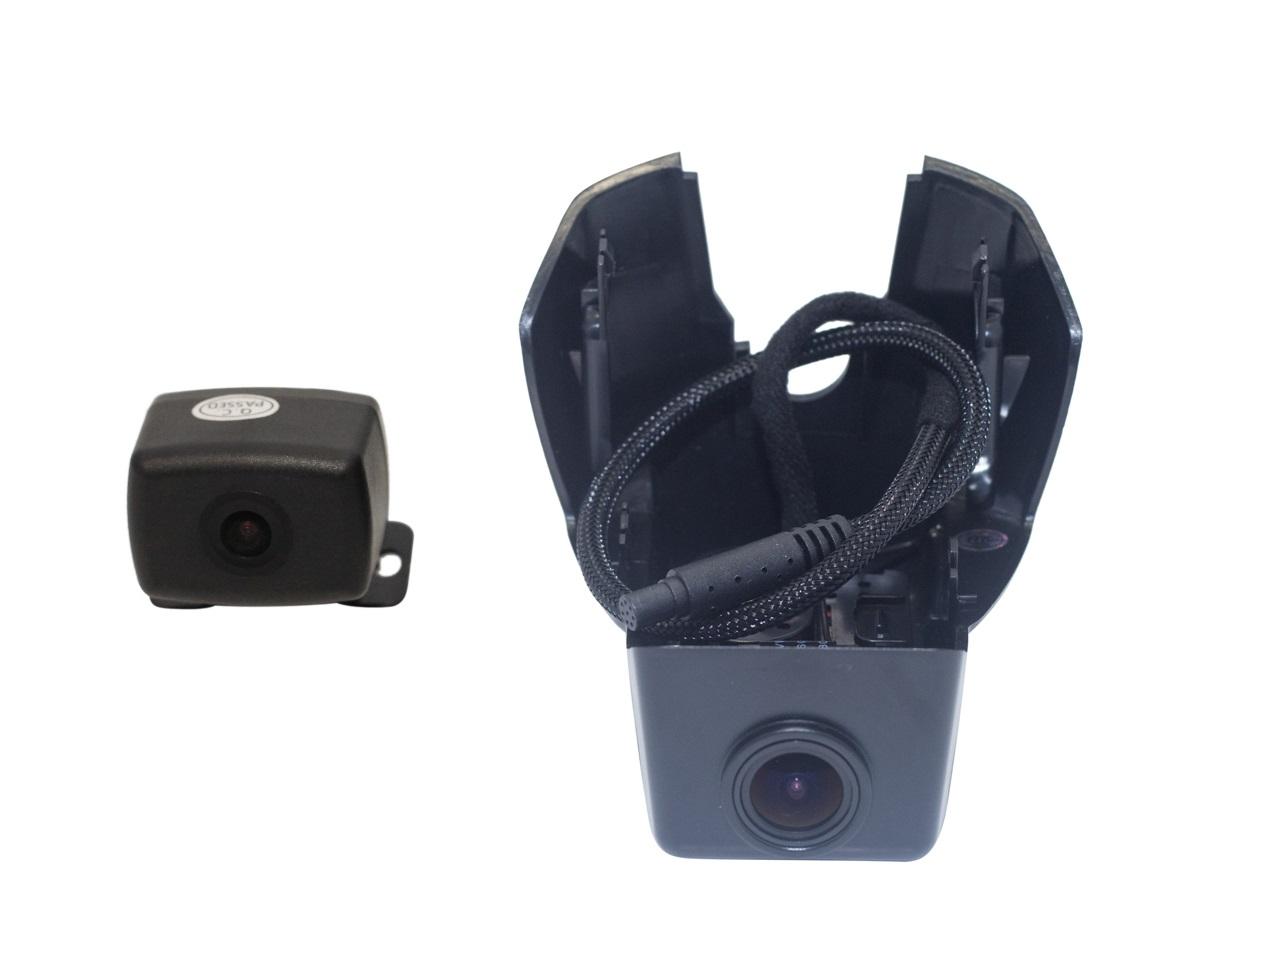 9655)Двухканальный видеорегистратор Redpower DVR-VOL3-N DUAL (Volvo XC90 2015+)